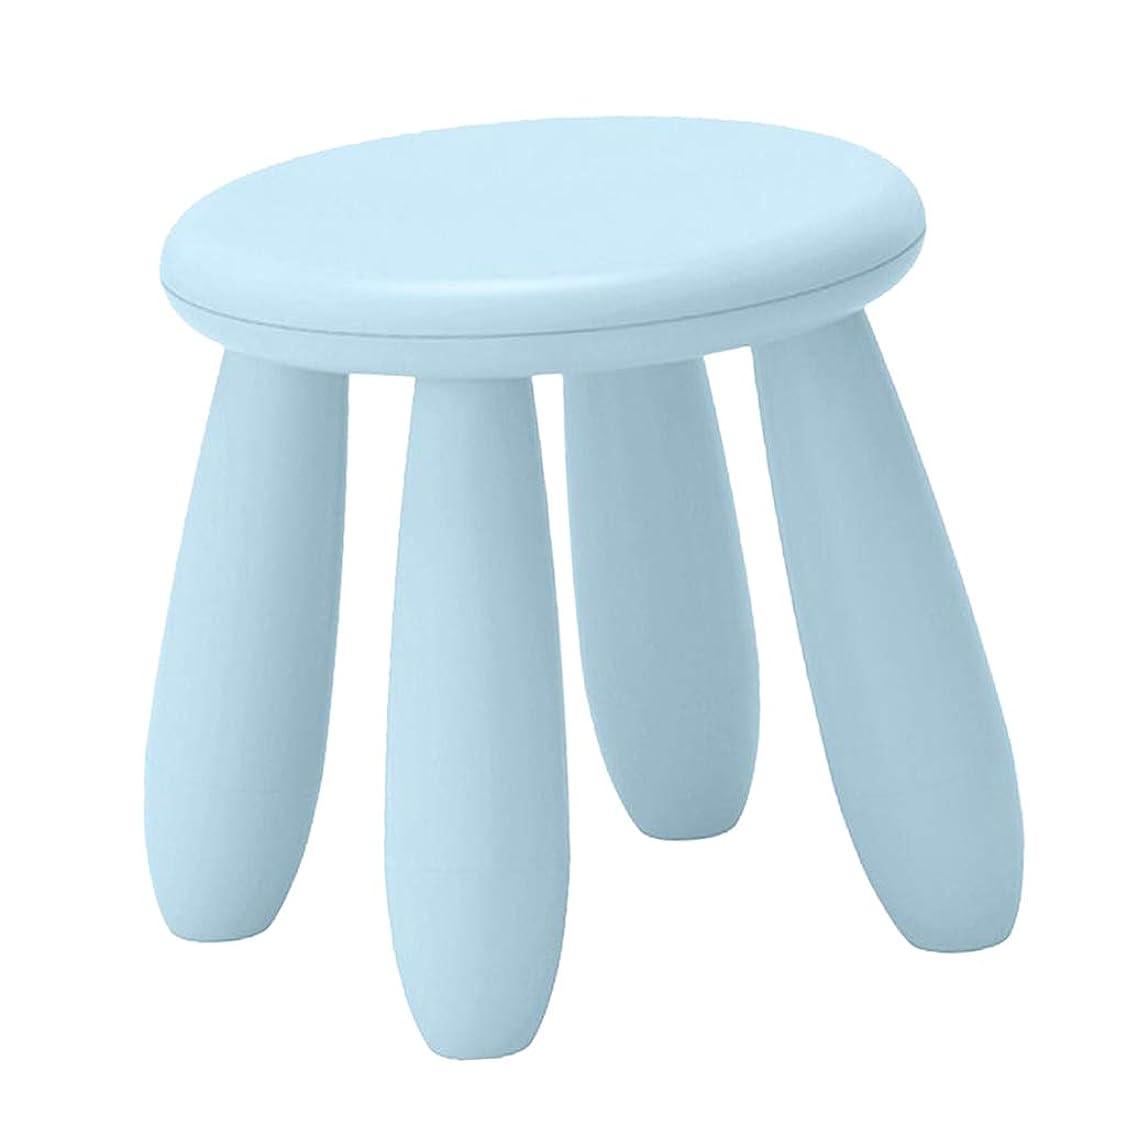 狂人フラフープ契約した耐久性 椅子 チェア スツール プラスチック製 子供用 安全 丸 組み立て 全9色 家庭保育園用 - ライトブルー